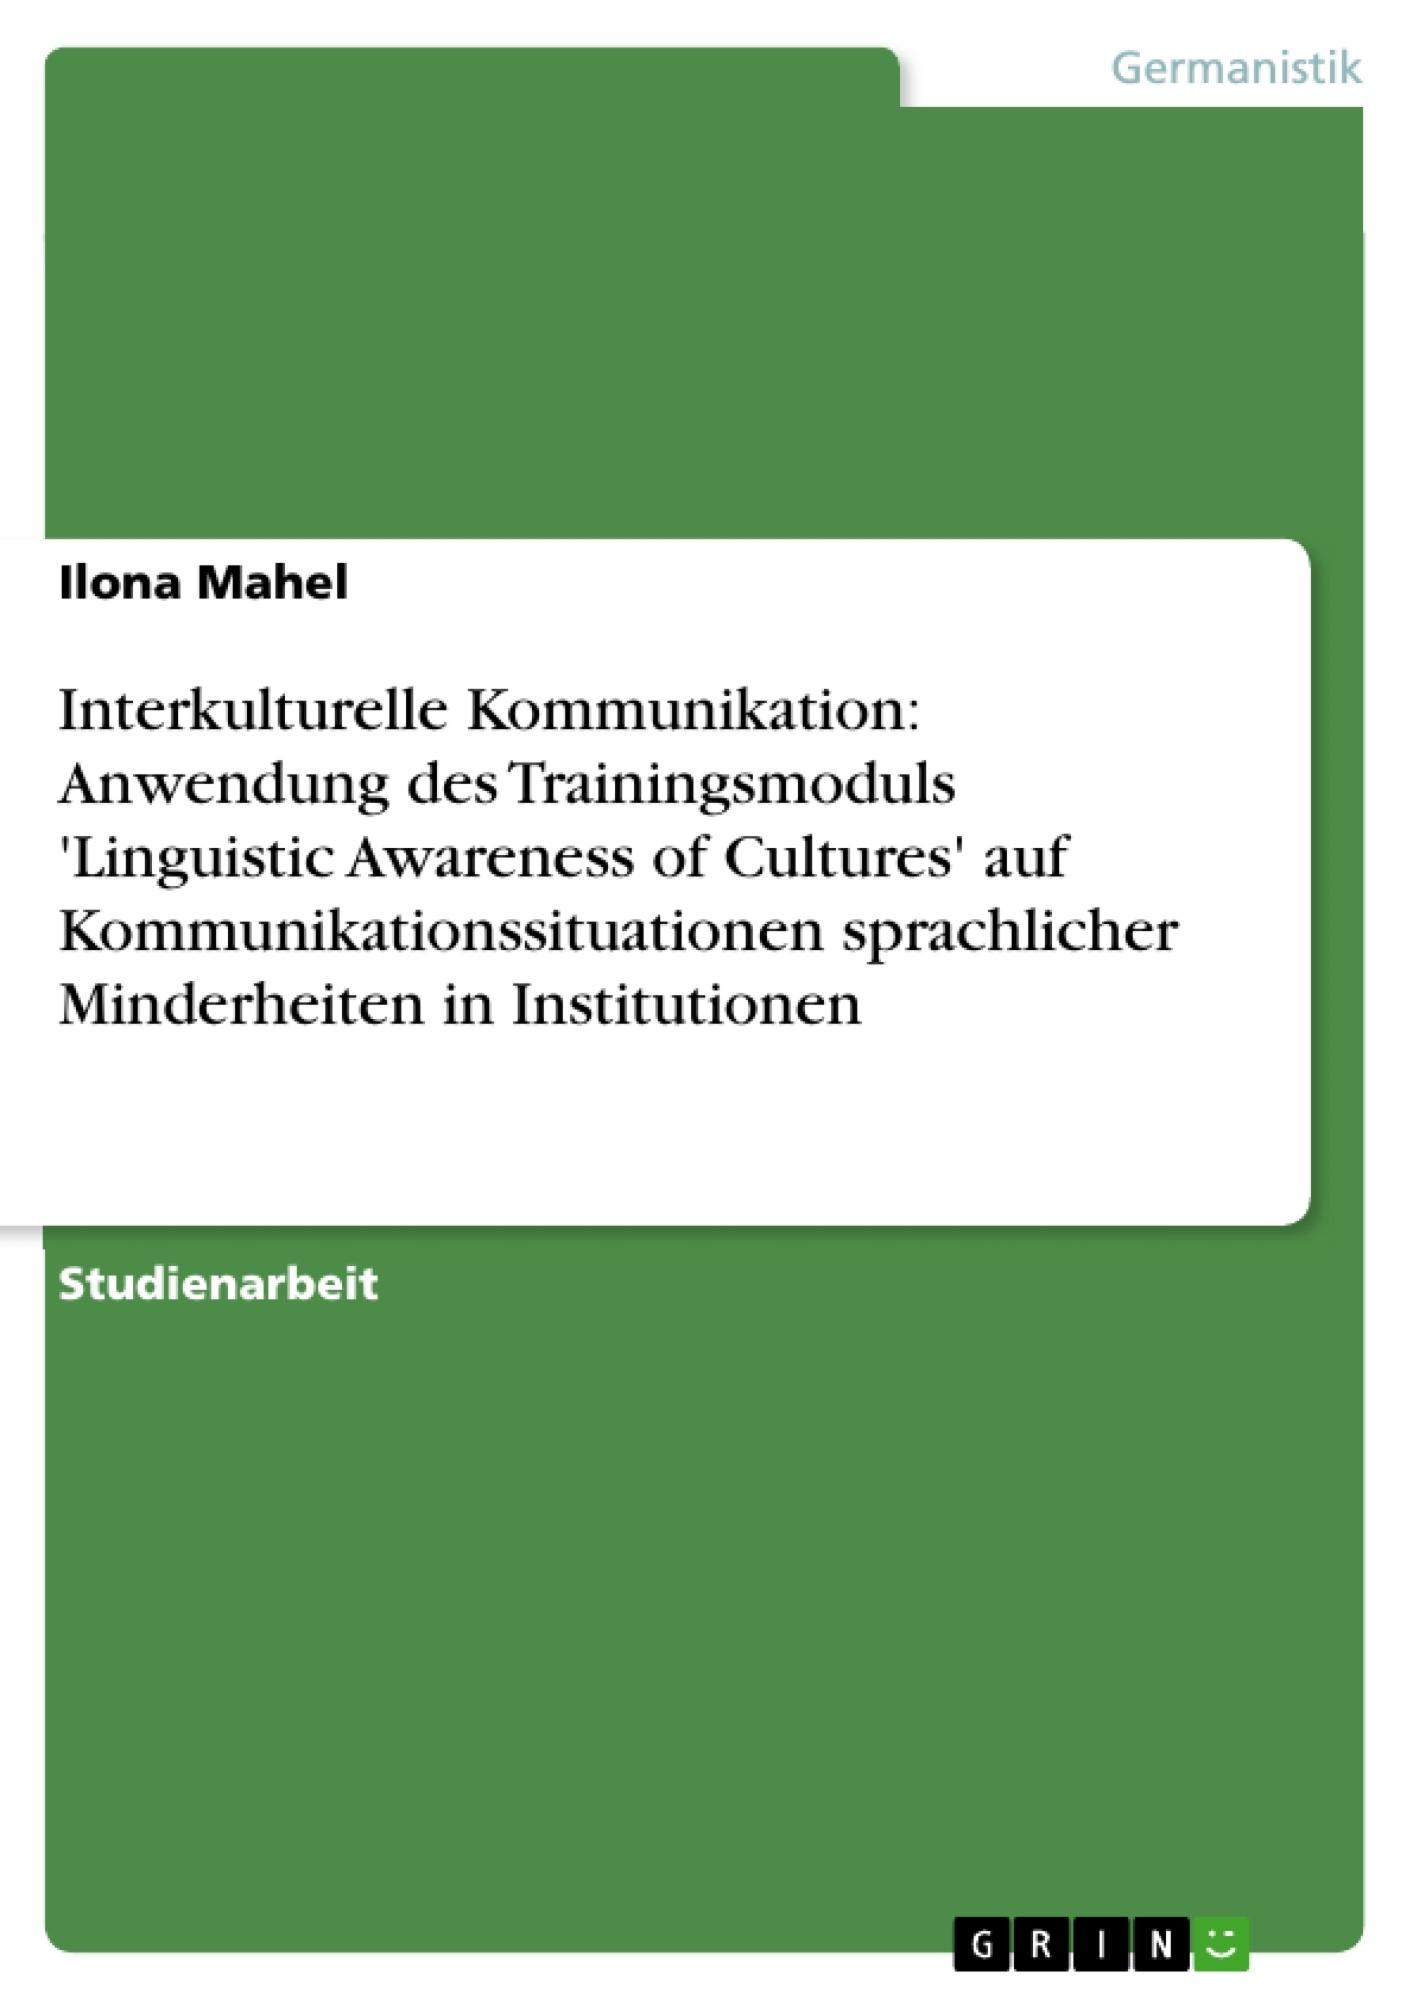 Titel: Interkulturelle Kommunikation: Anwendung des Trainingsmoduls 'Linguistic Awareness of Cultures' auf Kommunikationssituationen sprachlicher Minderheiten in Institutionen